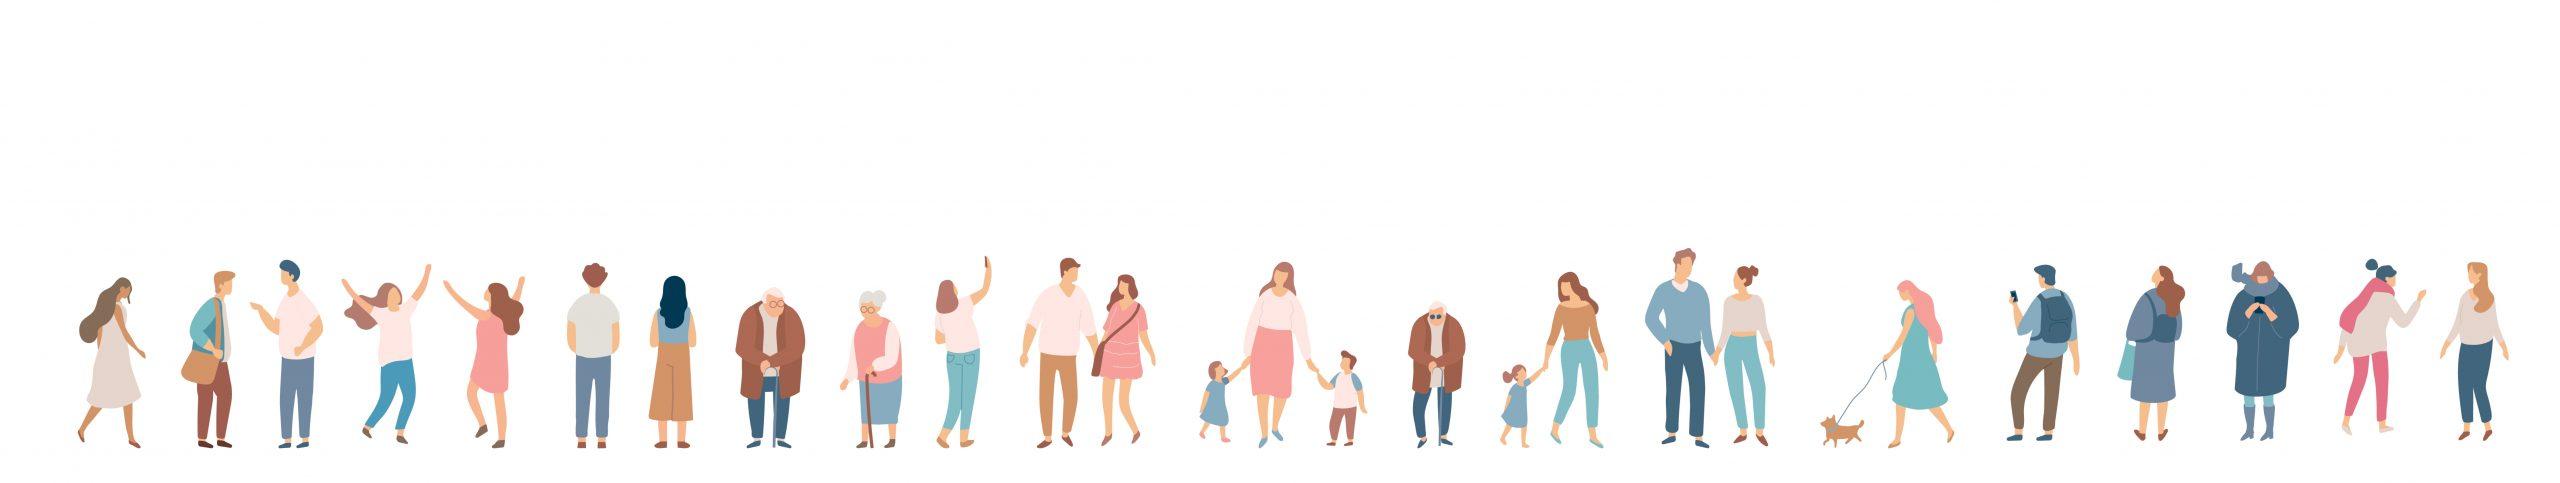 People crowd. Background people vector horizontal banner. Men and women, parents, kids walking outdoor.